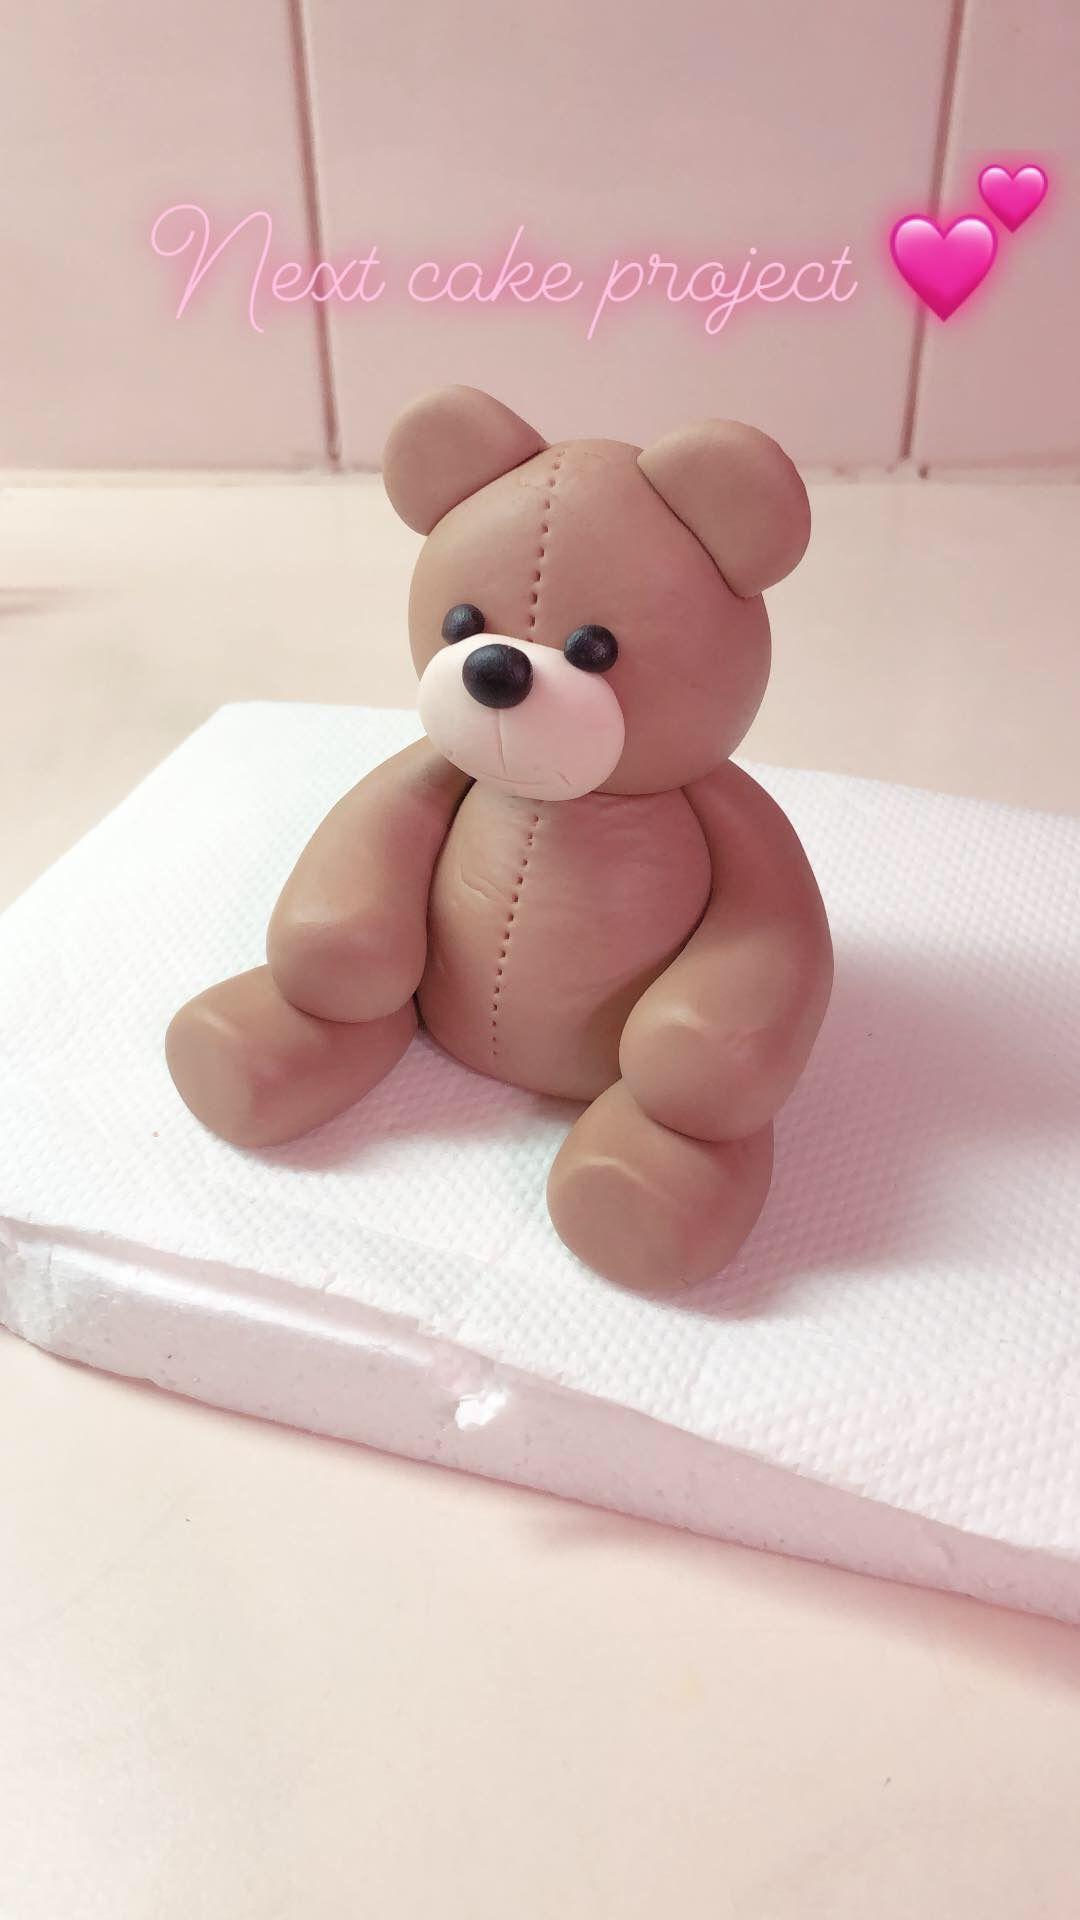 Fondant Teddy bear #babyteddybear Fondant Teddy bear #teddybearpatterns